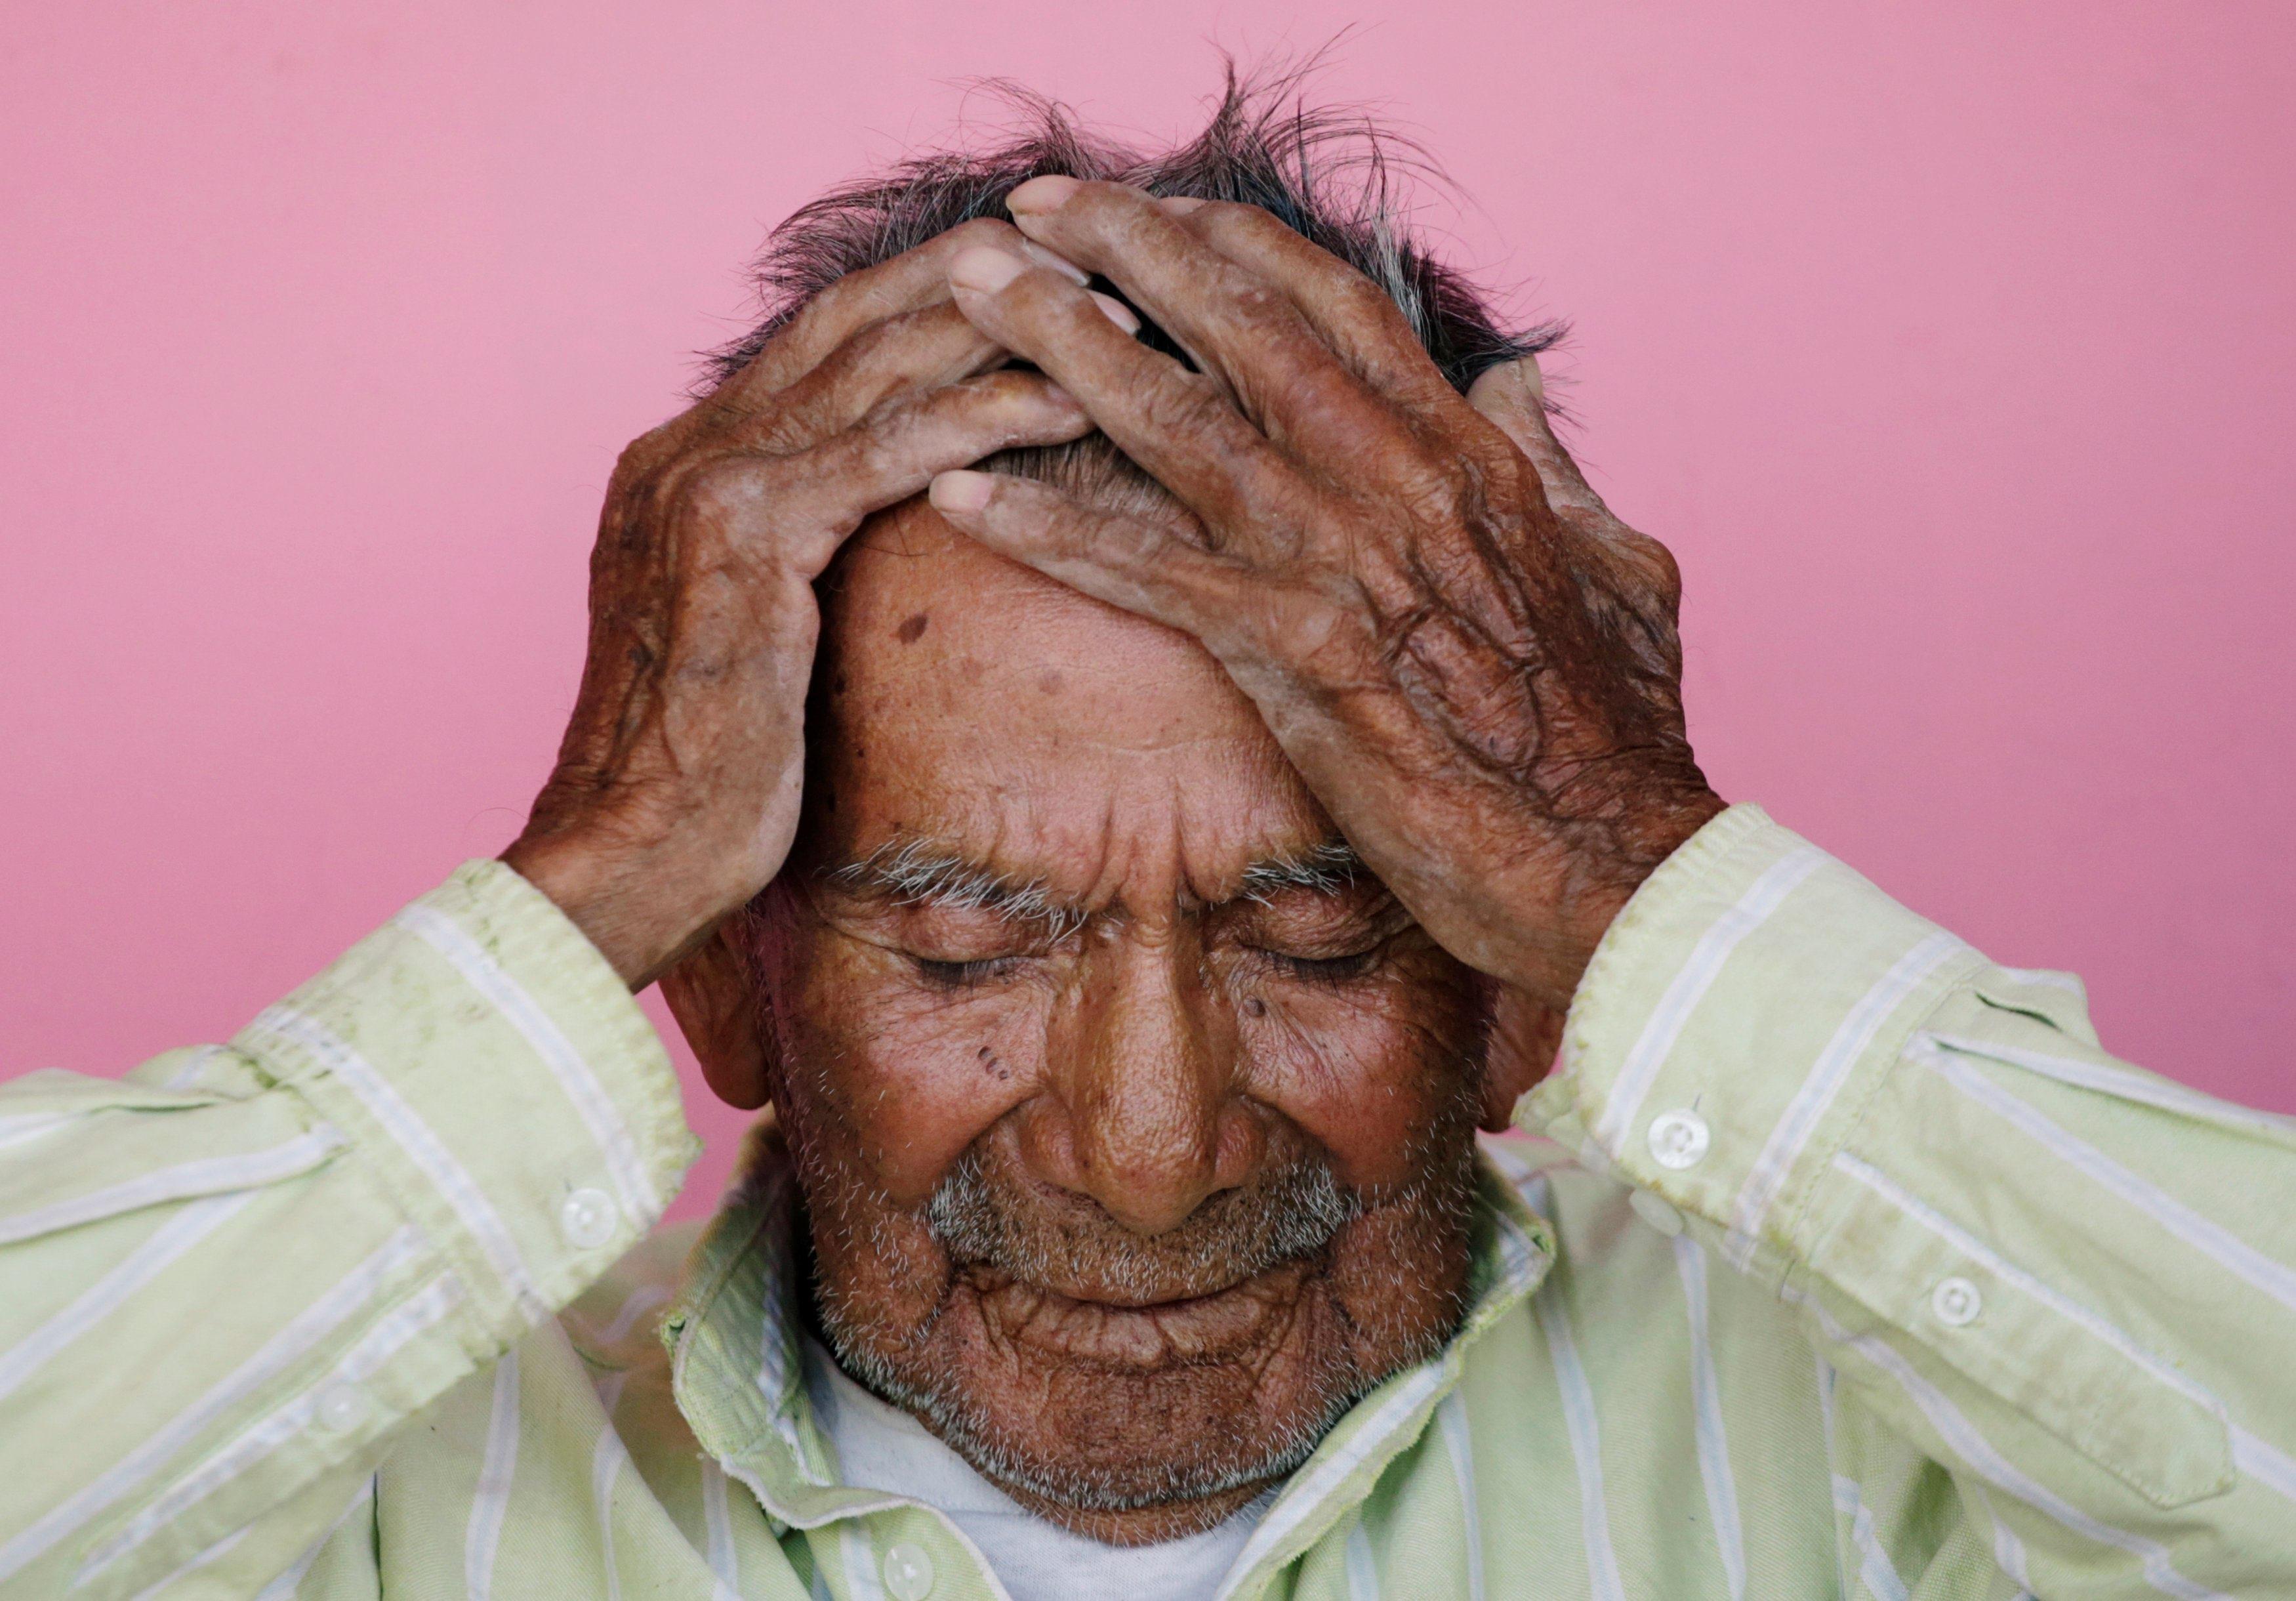 El olor a anciano empieza a los 30 años